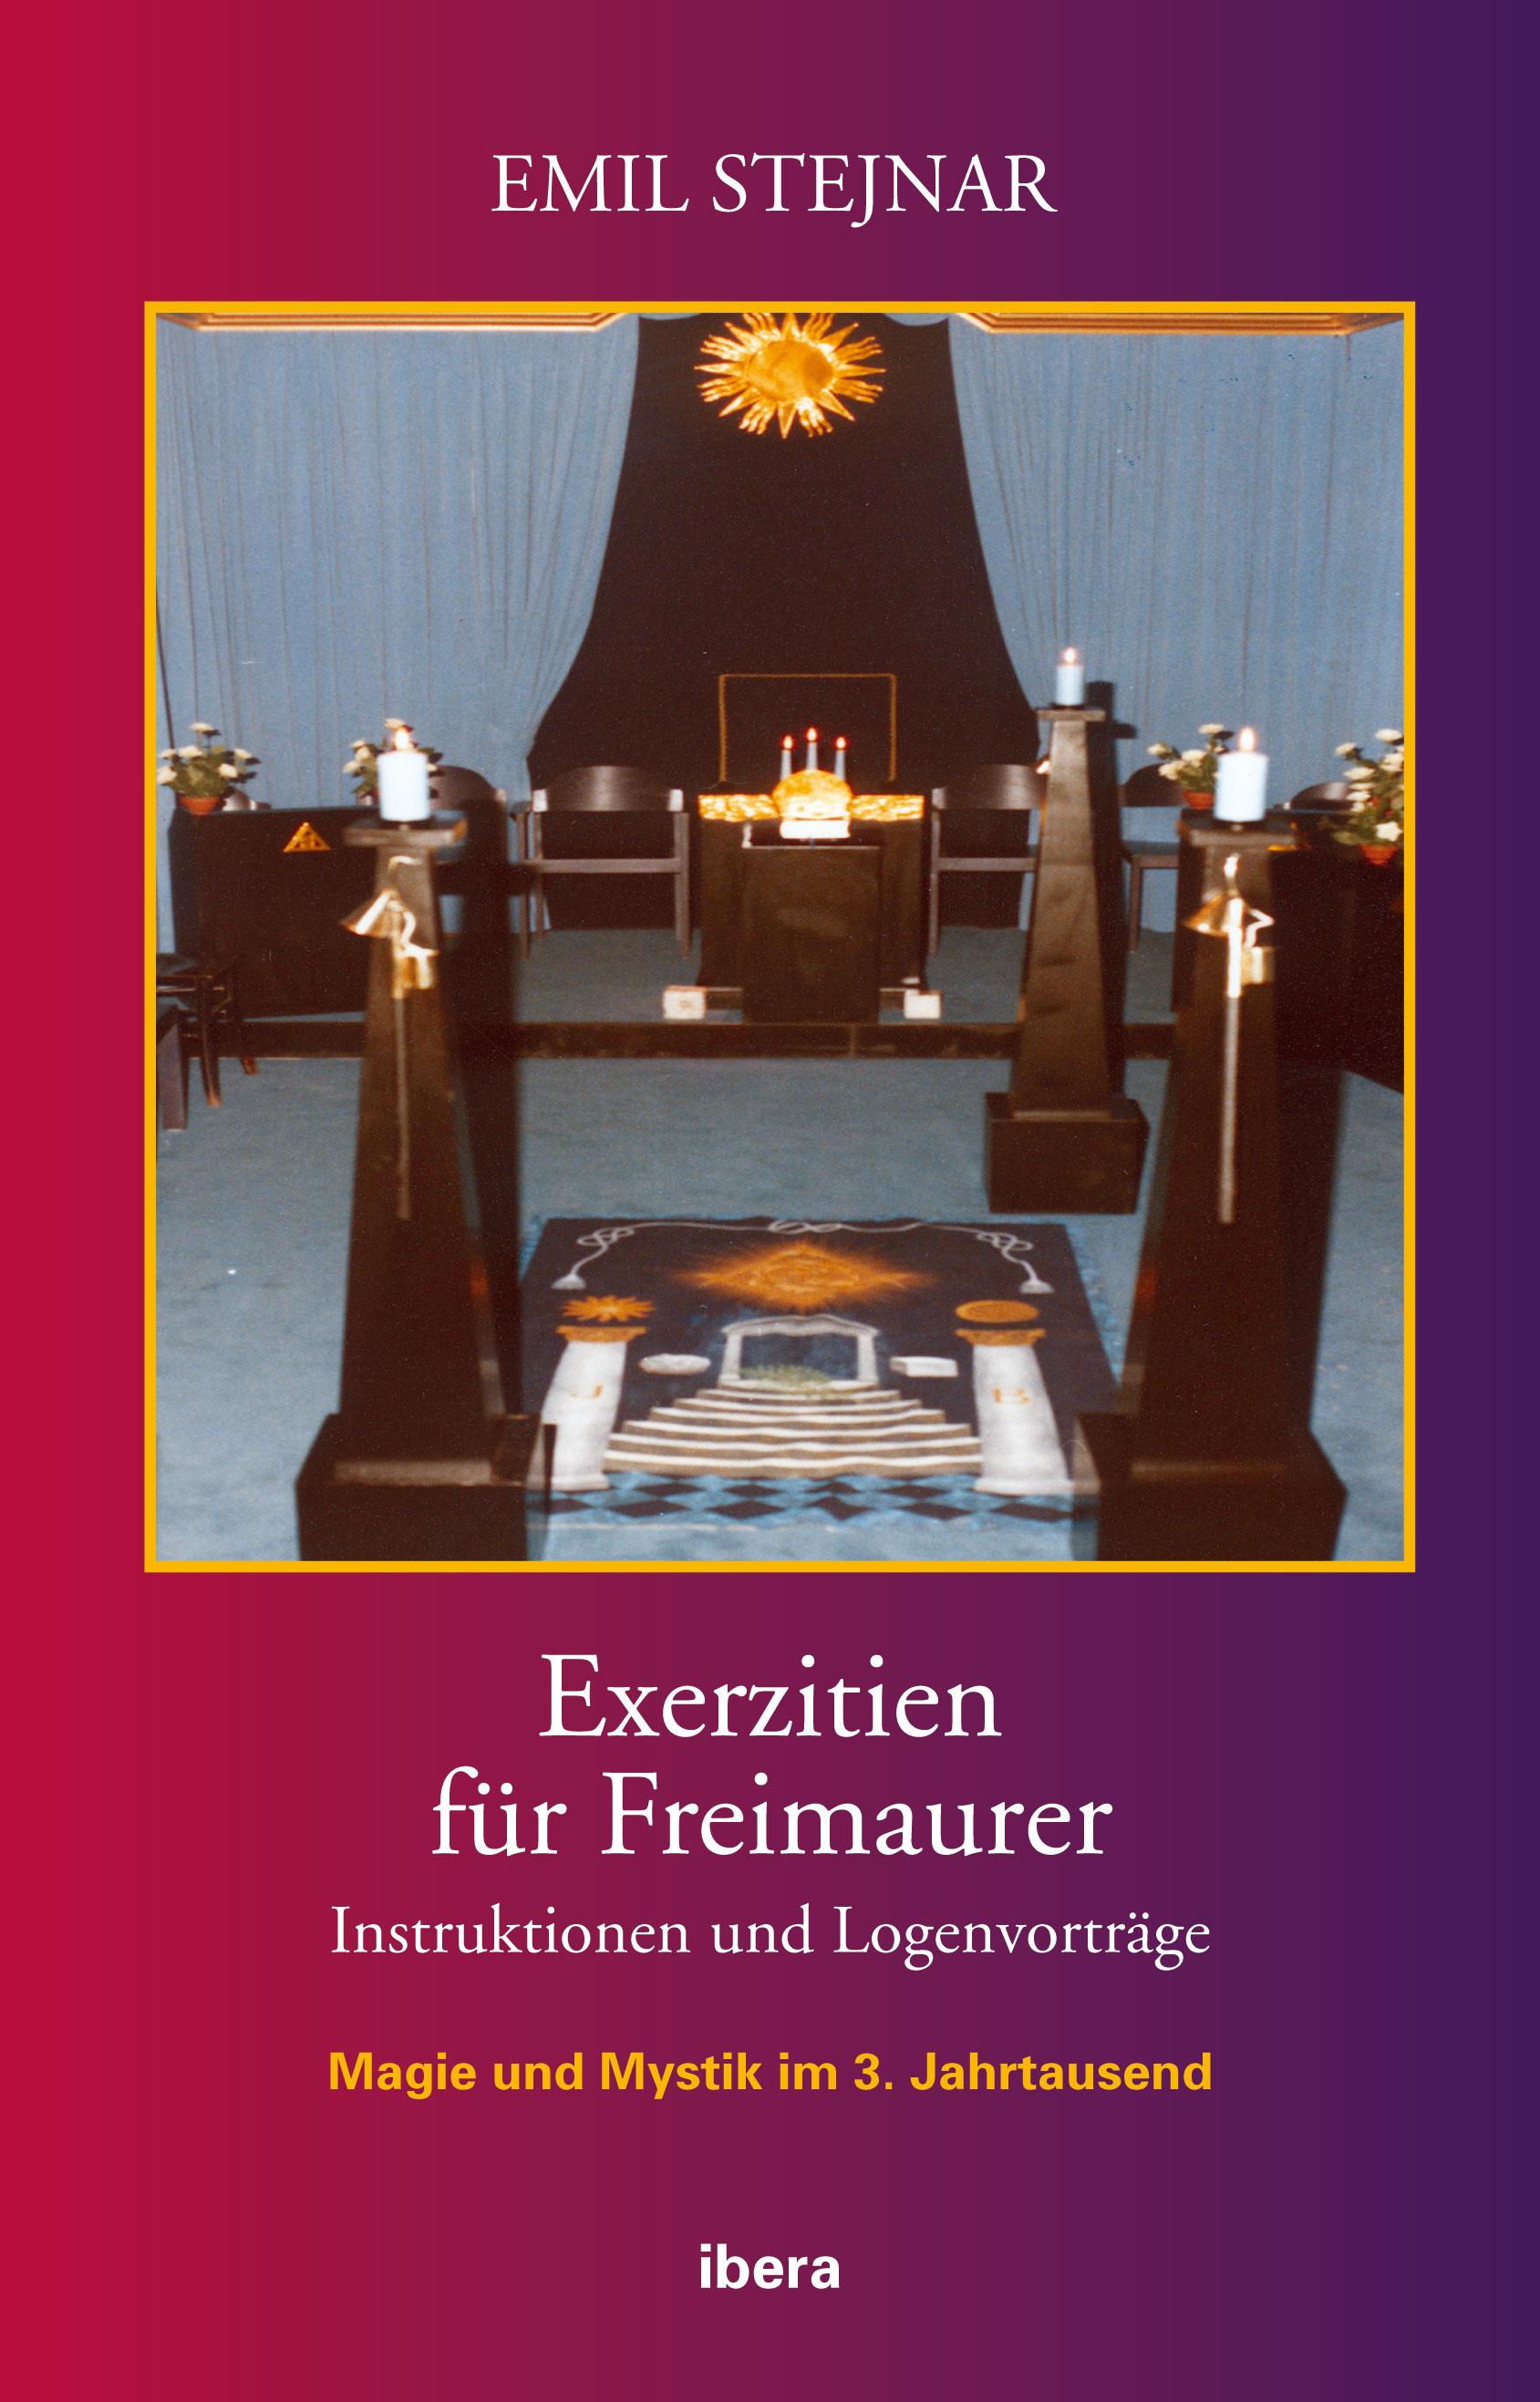 Exerzitien fuer Freimaurer